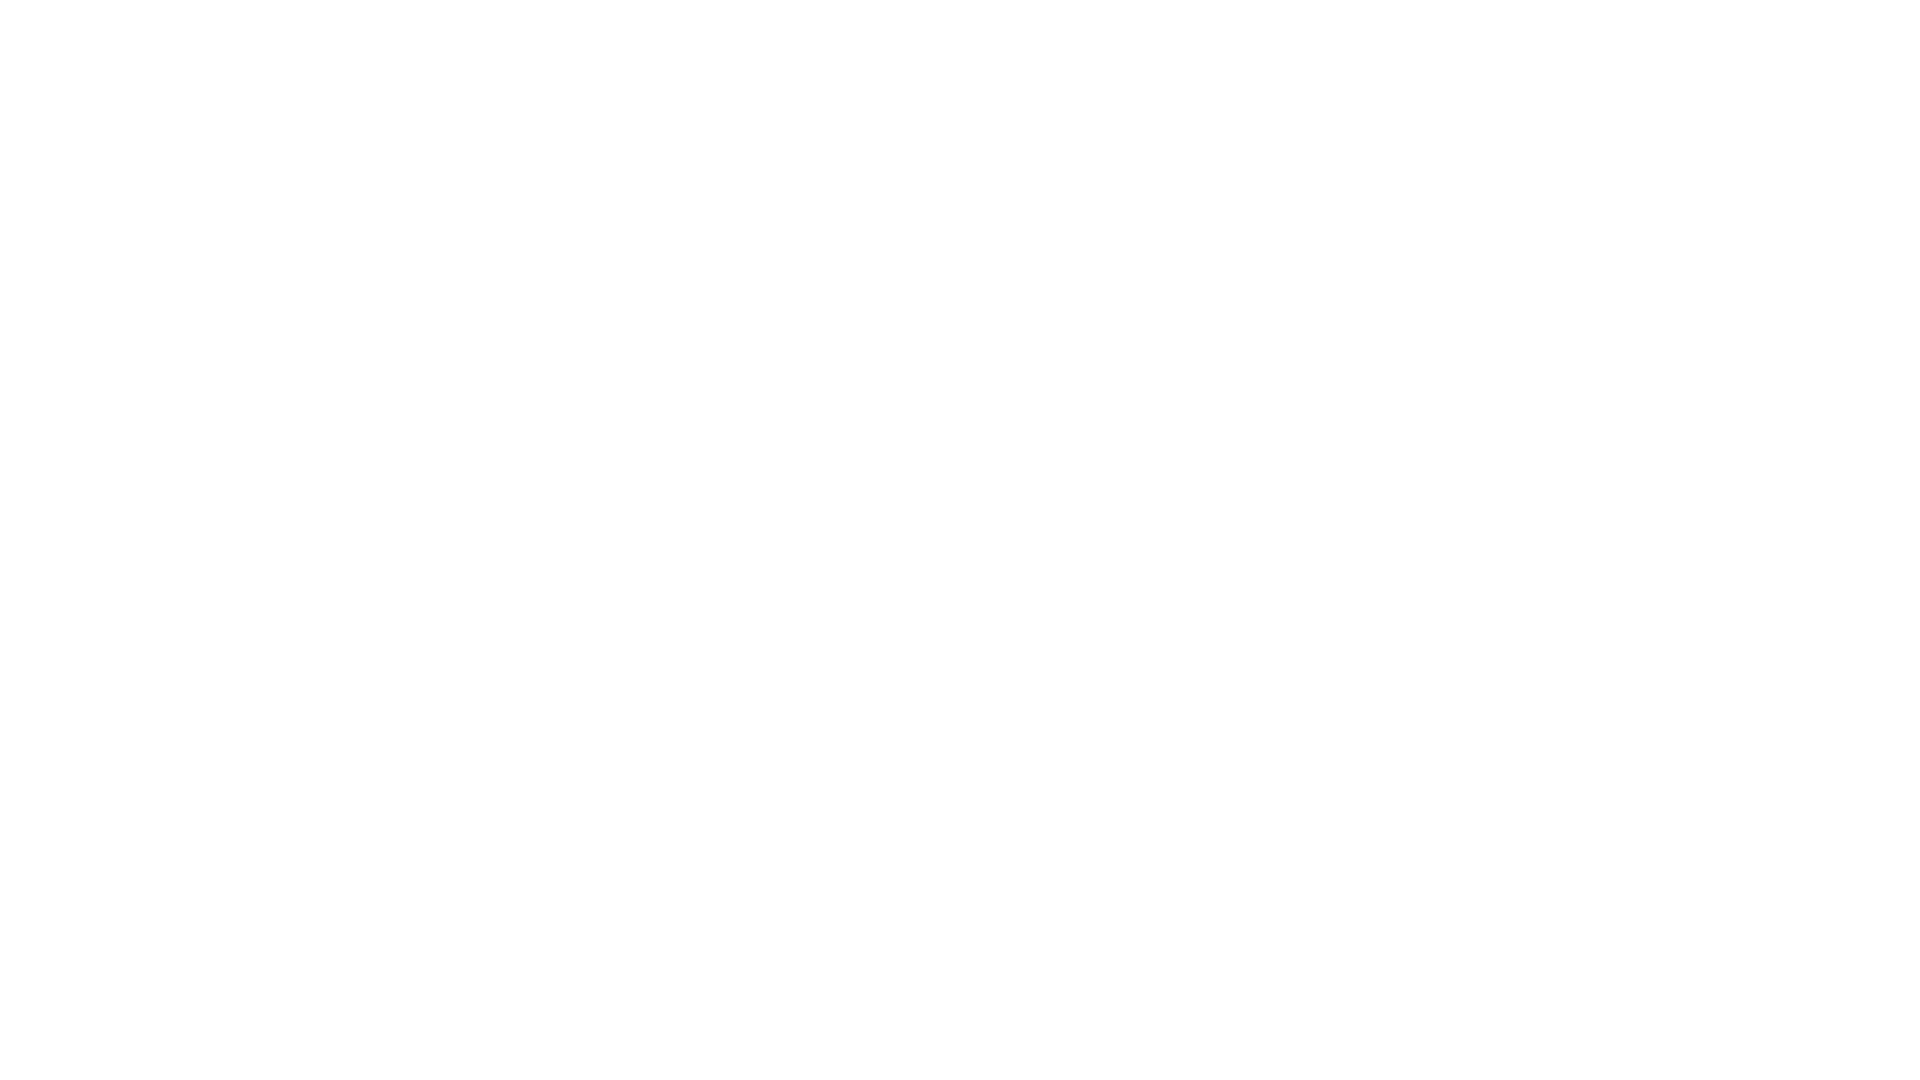 poundo